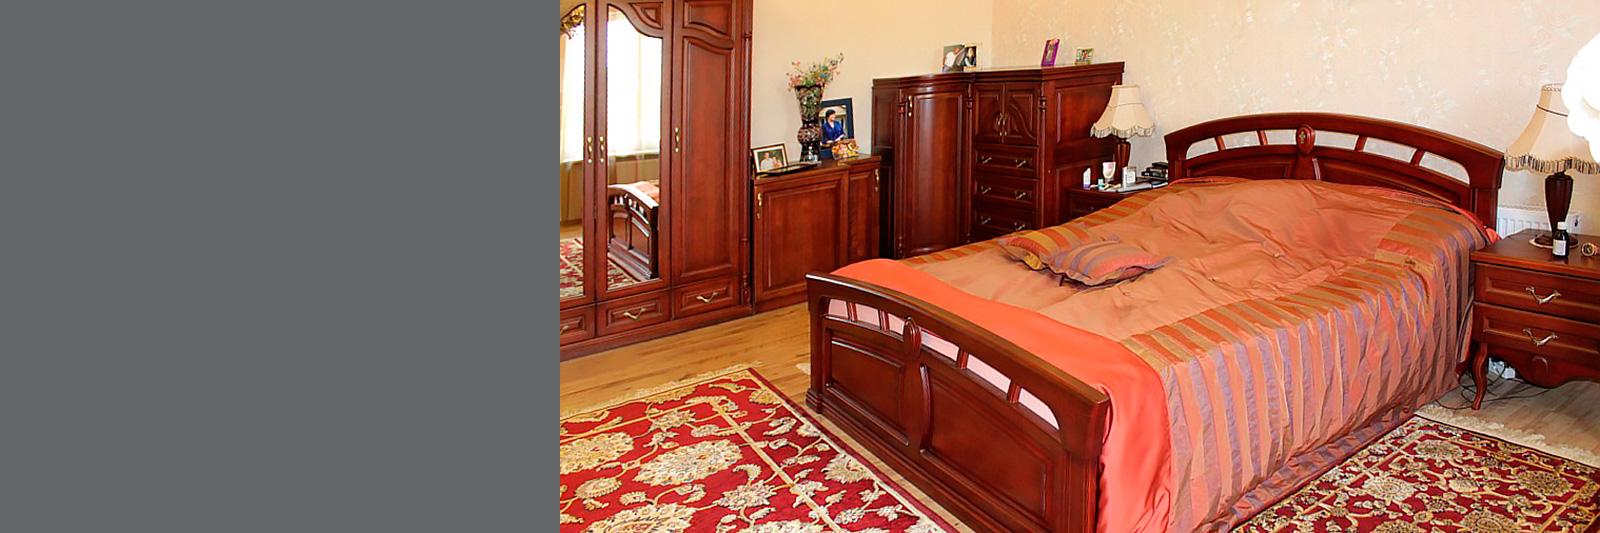 Спальня по индивидуальному заказу из массива